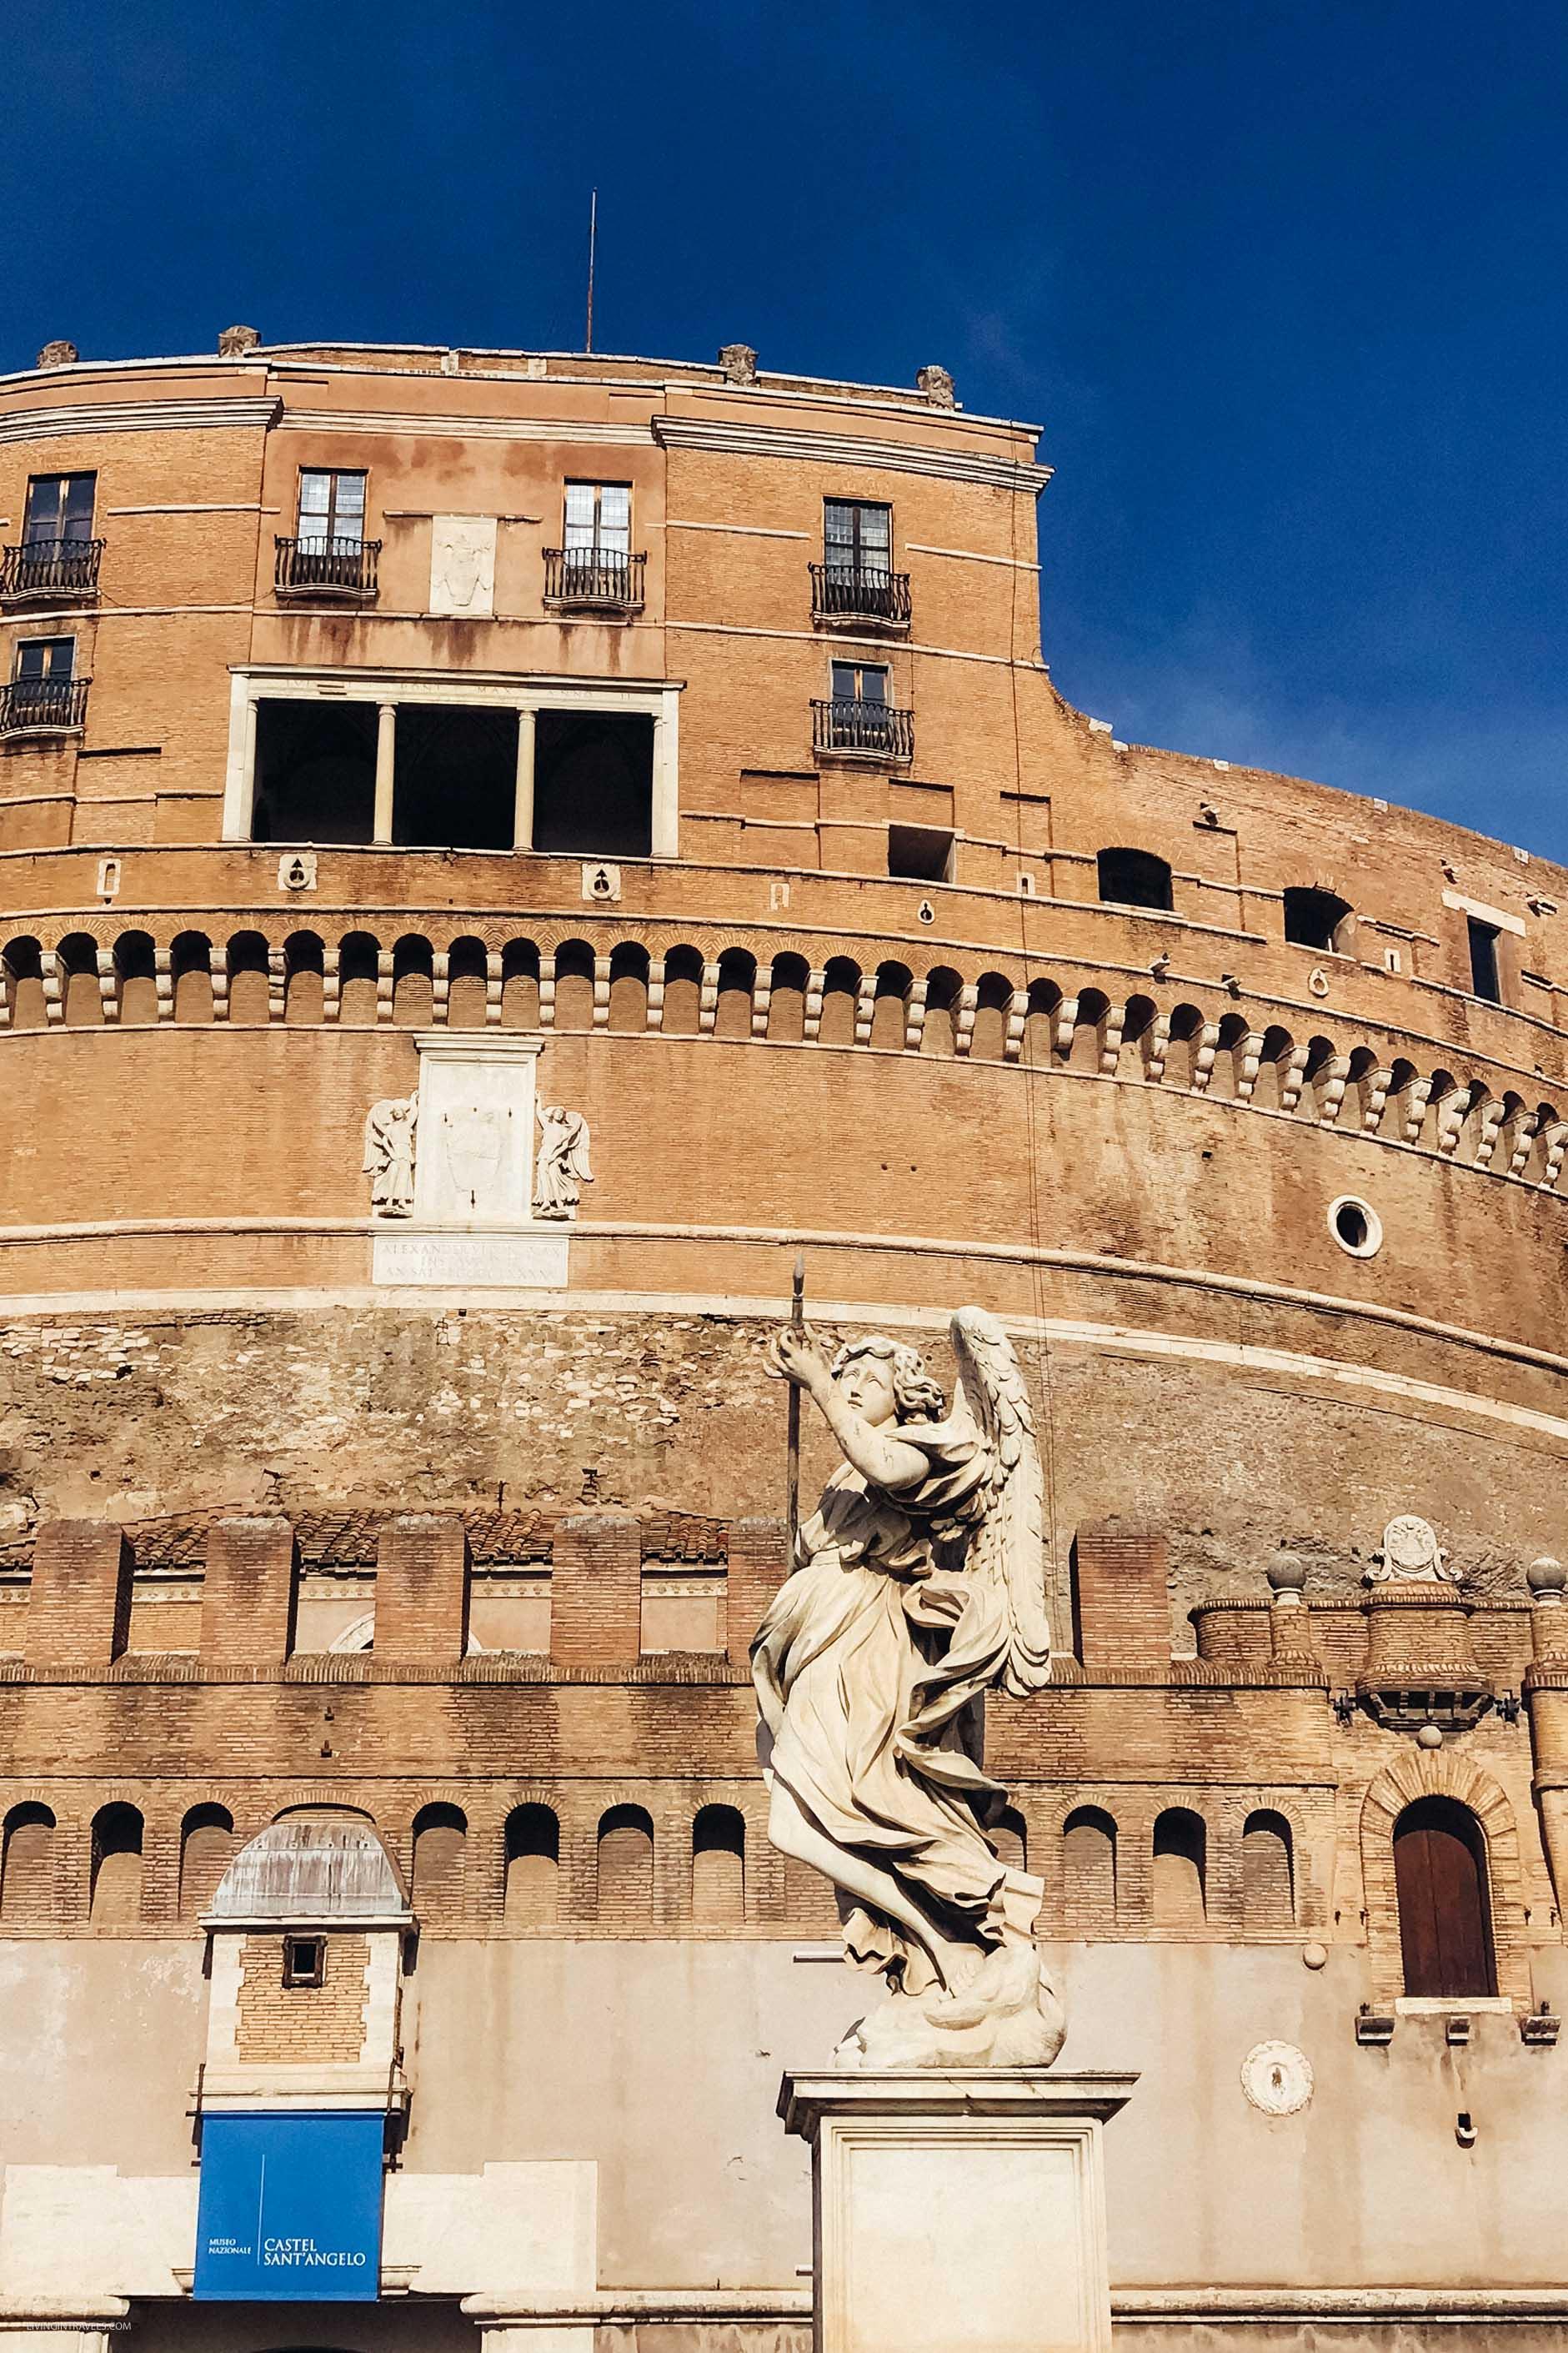 Замок Святого Ангела. Рим для новичков или как увидеть город бесплатно (почти)